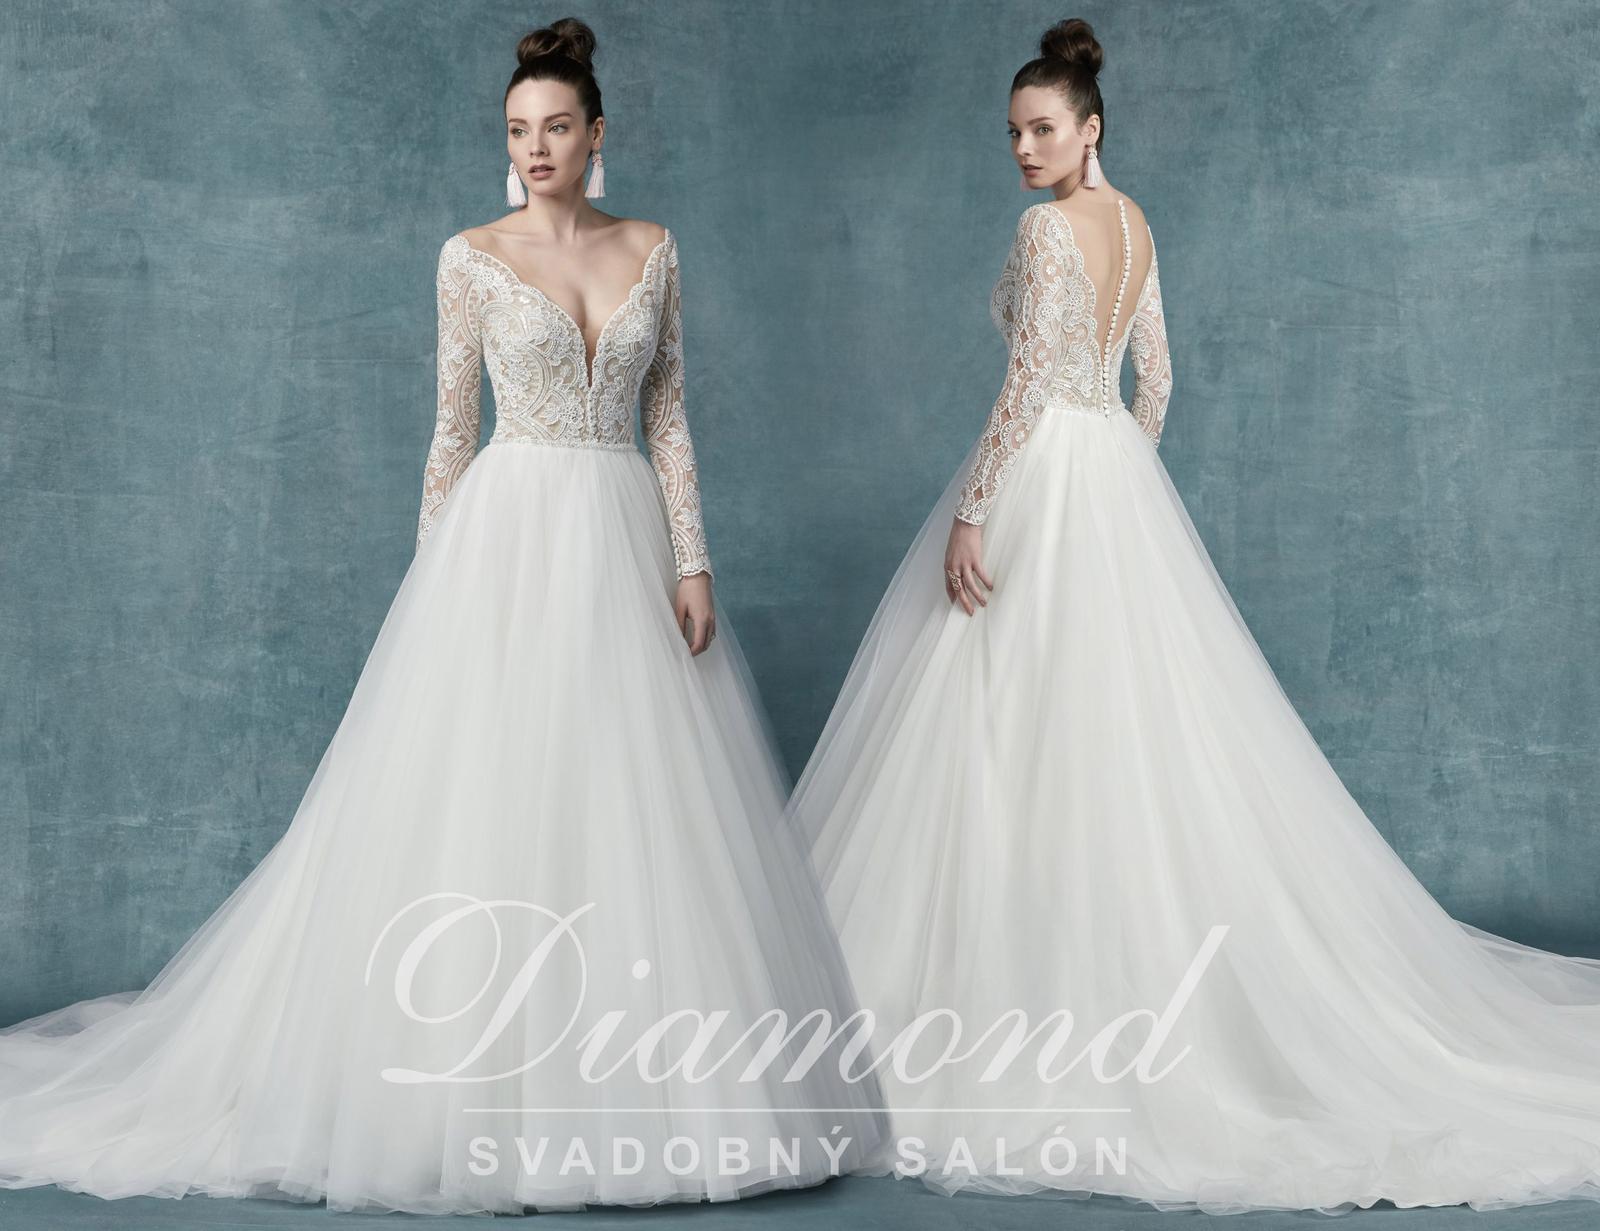 Svadobný salón DIAMOND - MALLORY DAWN (nová kolekcia)